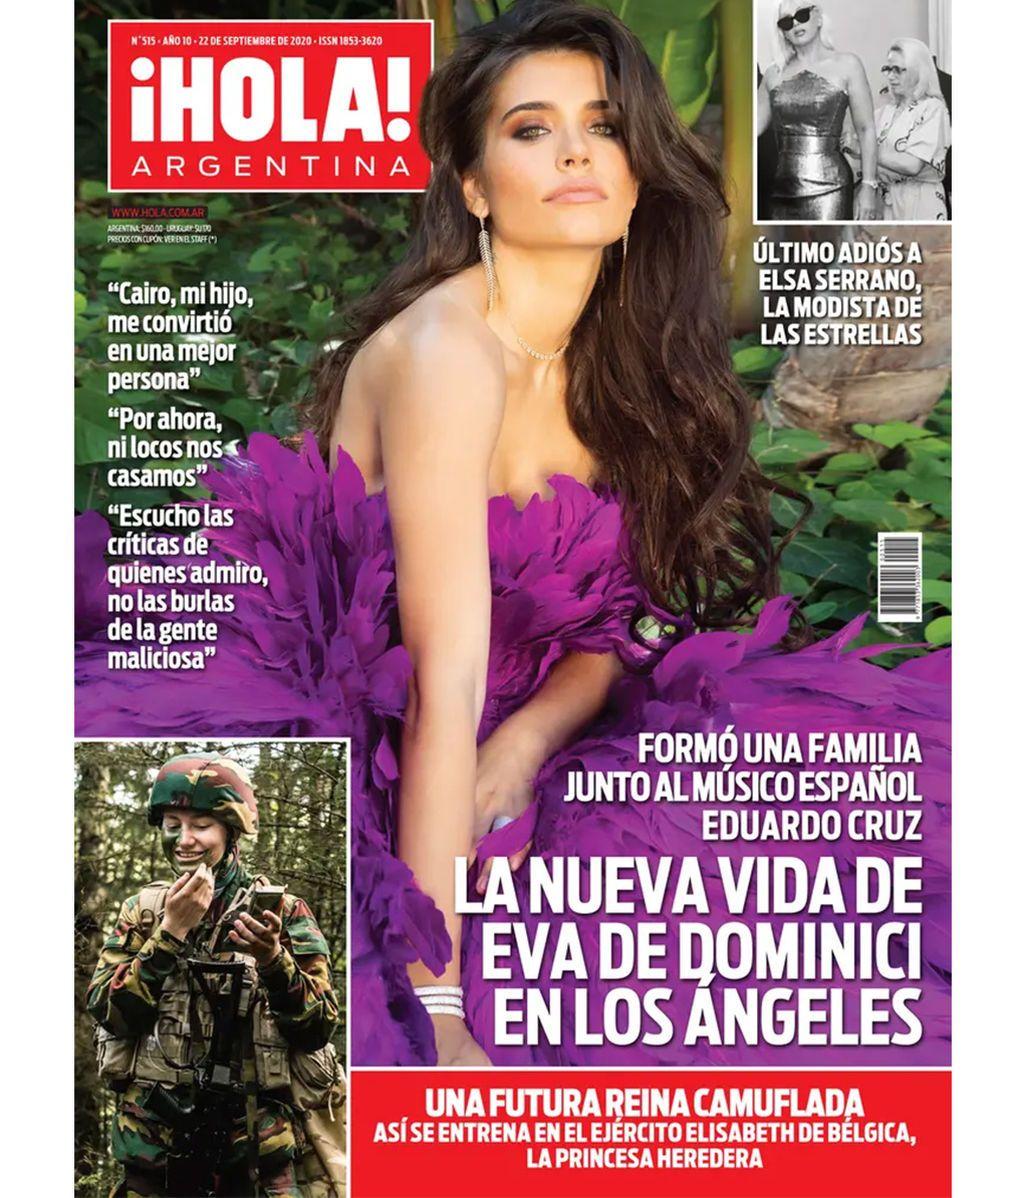 Eva de Dominici protagonizando la portada de la revista ¡Hola! Argentina